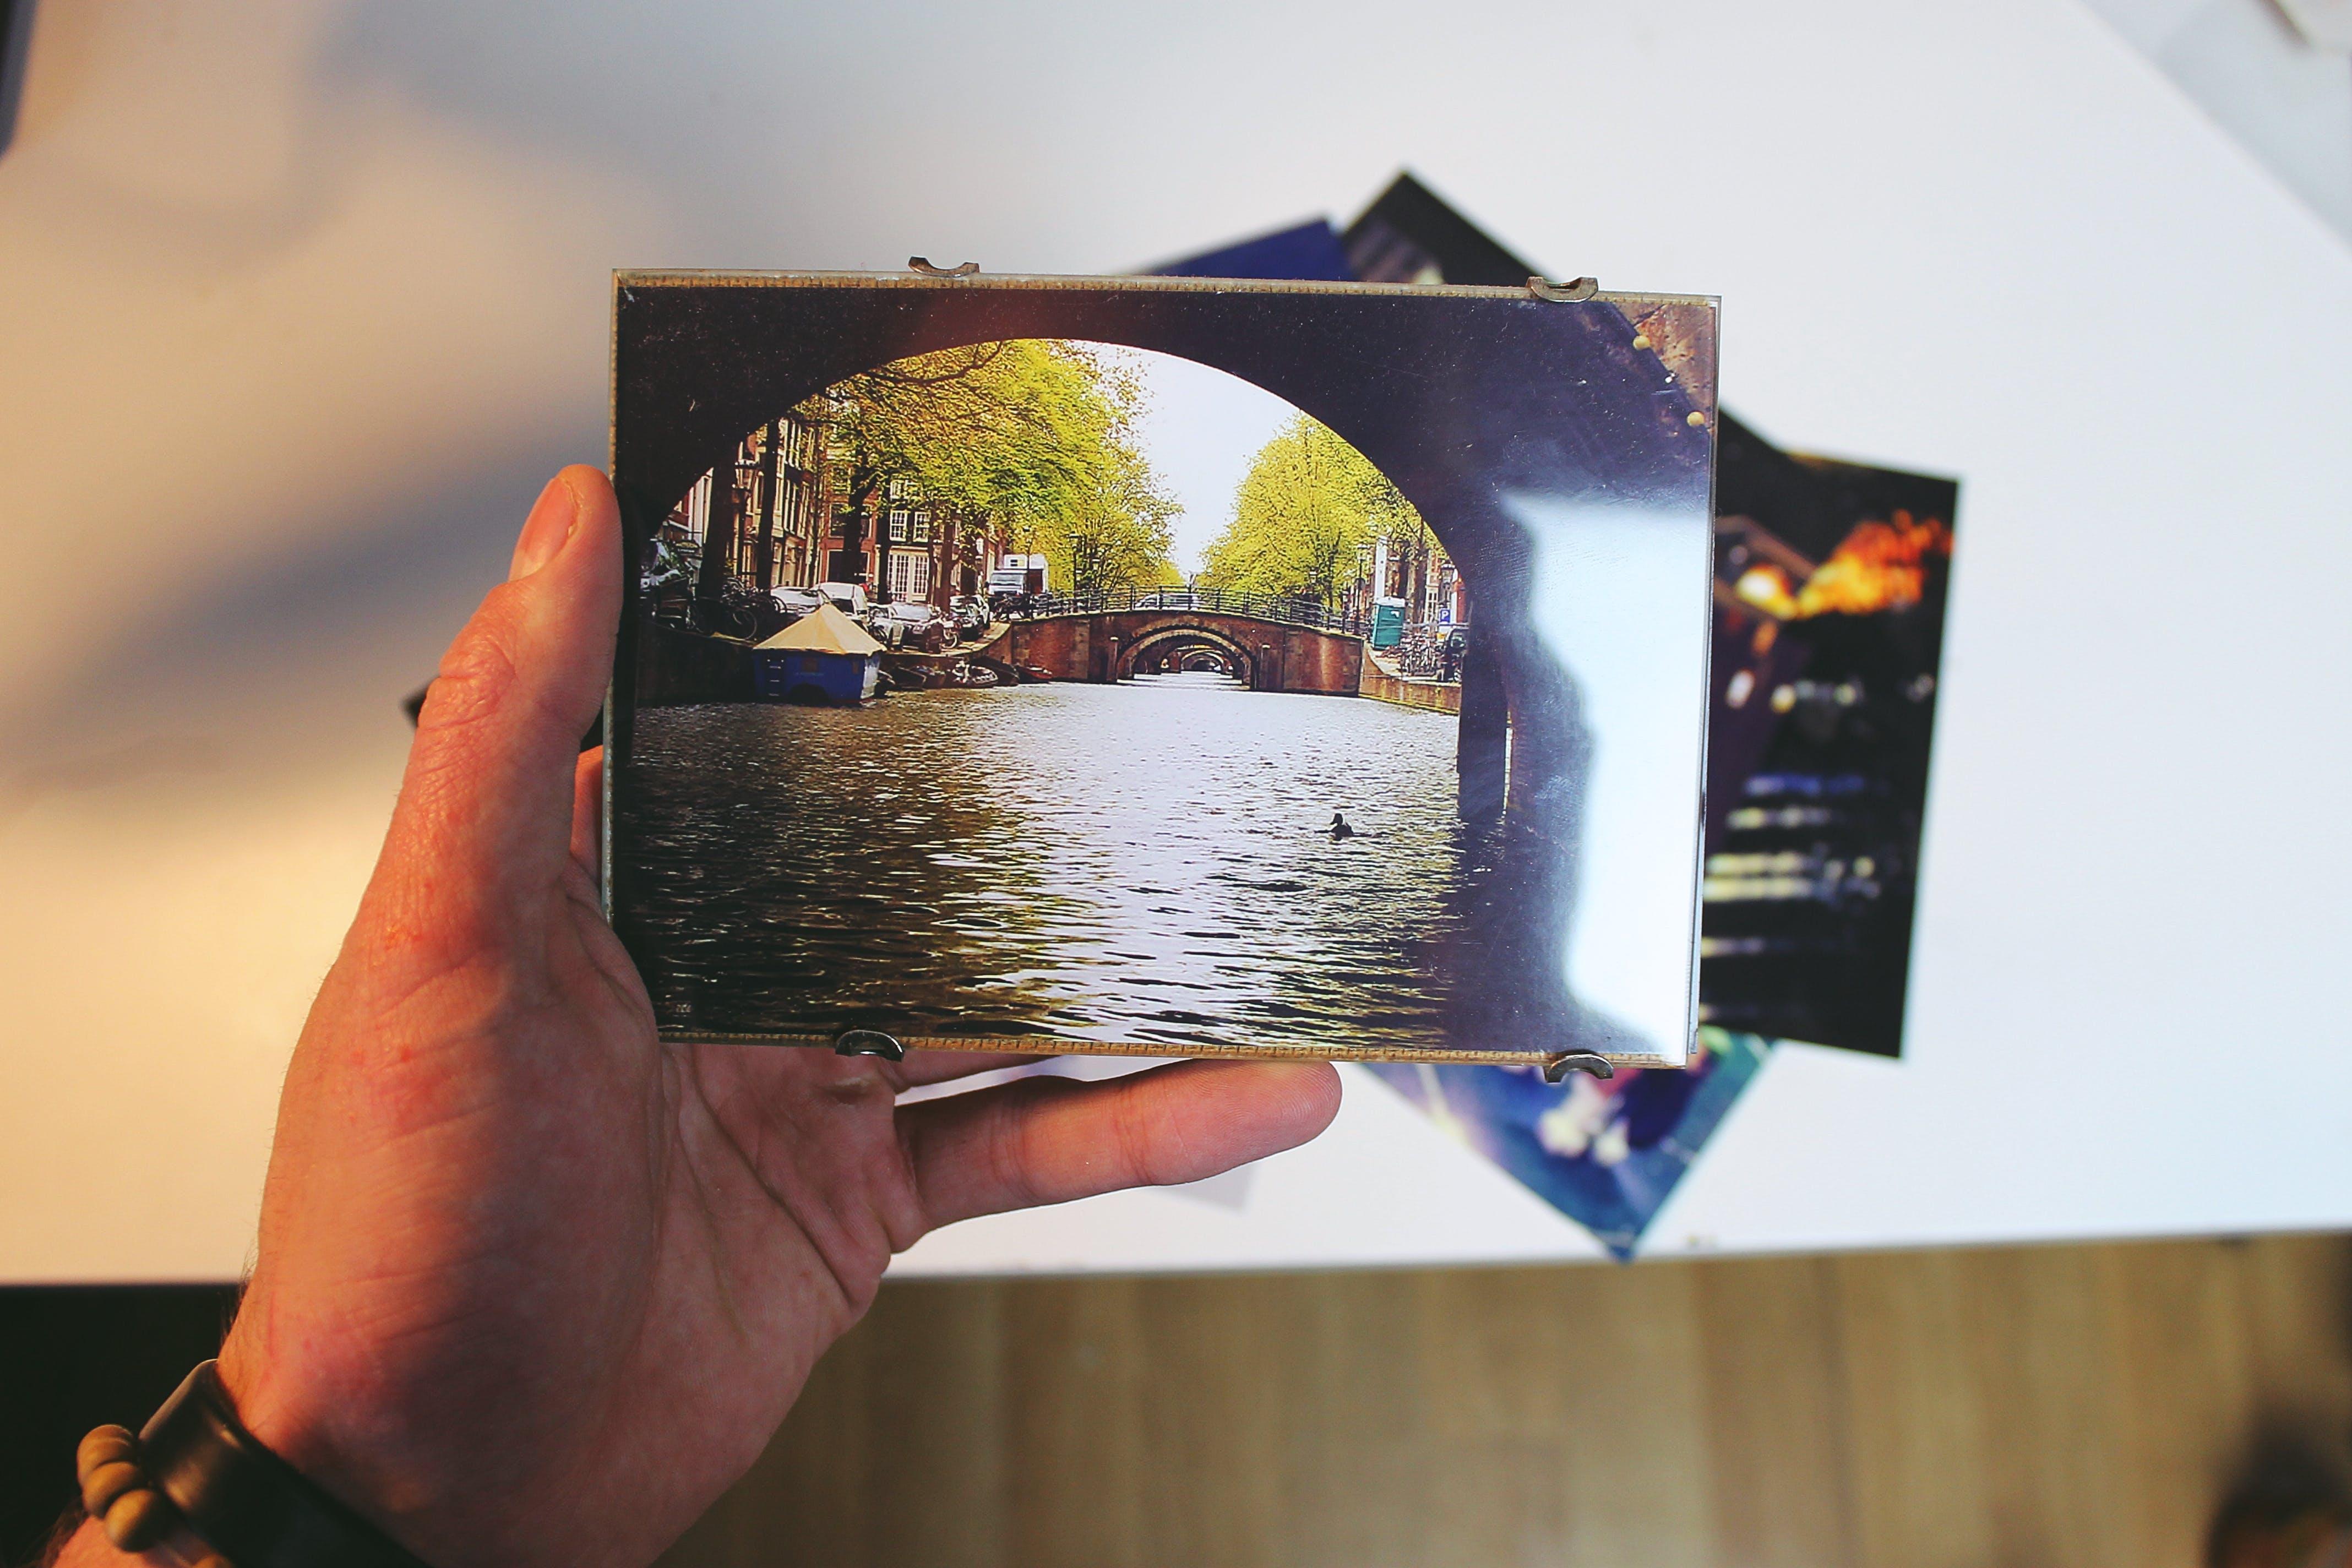 Kostenloses Stock Foto zu aufnehmen von fotos, bilderrahmen, festhalten, fotos